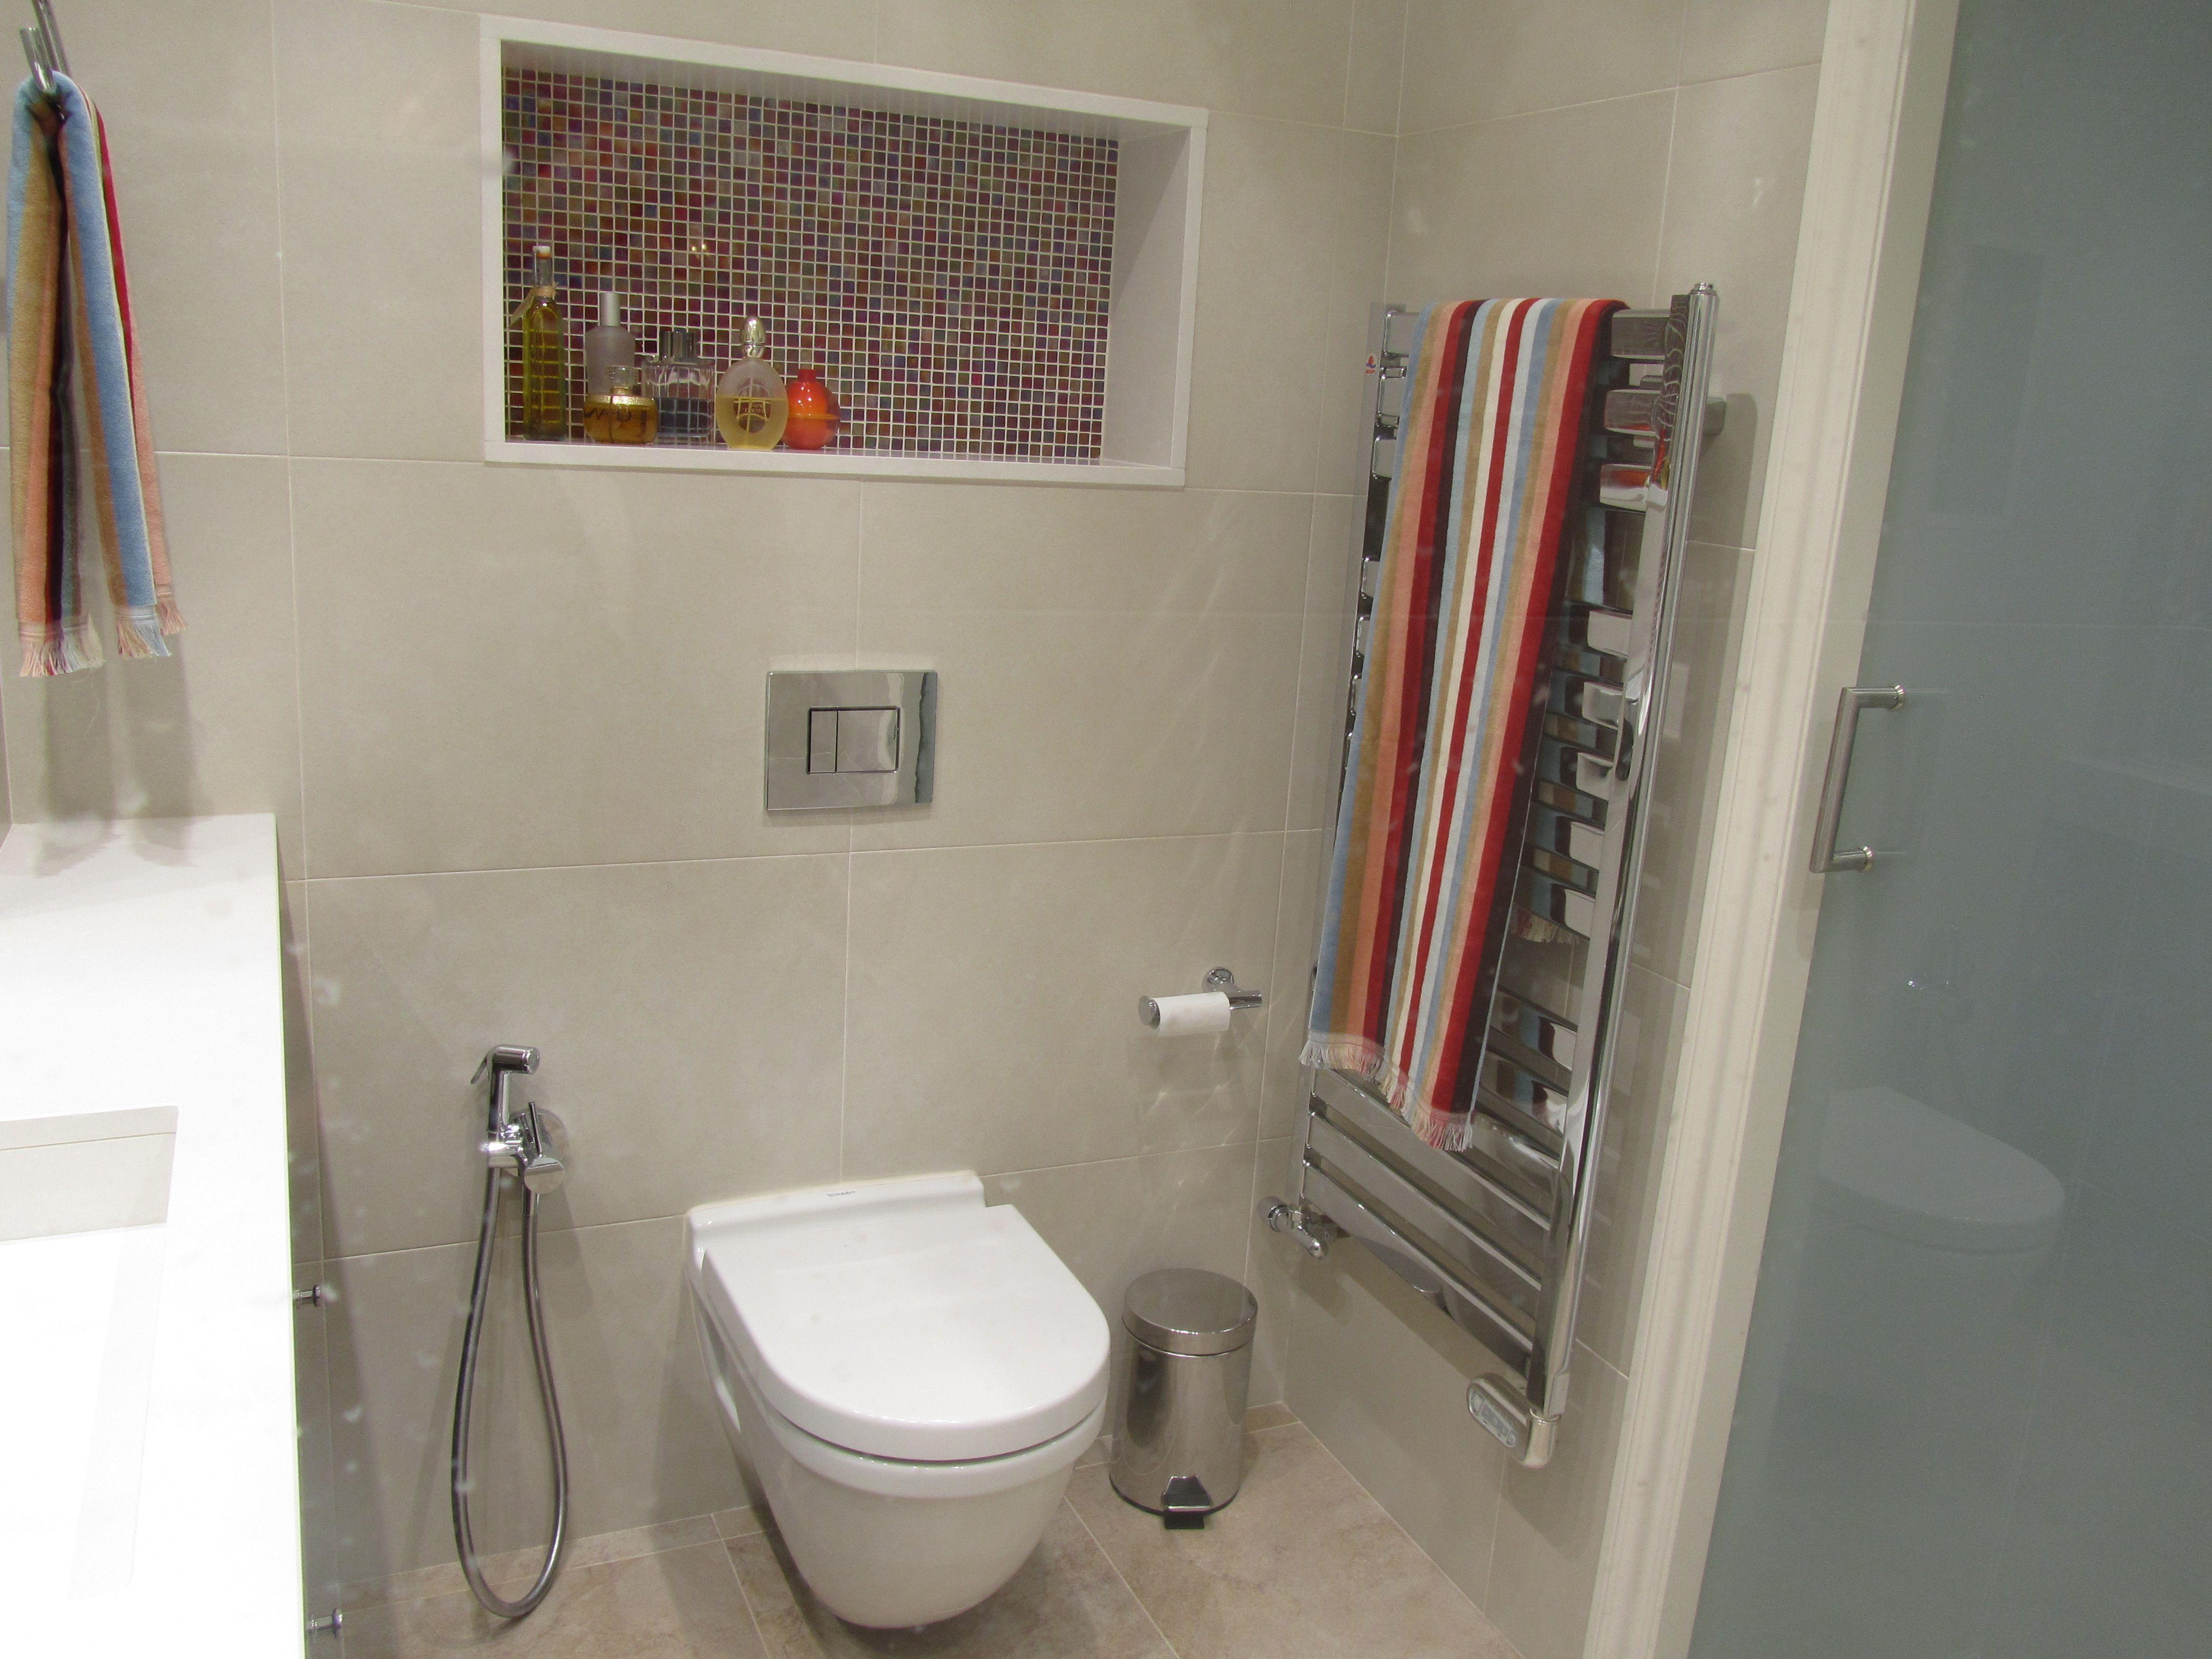 WC suspendido y radiador toallero en acero inox | Baño | Pinterest ...